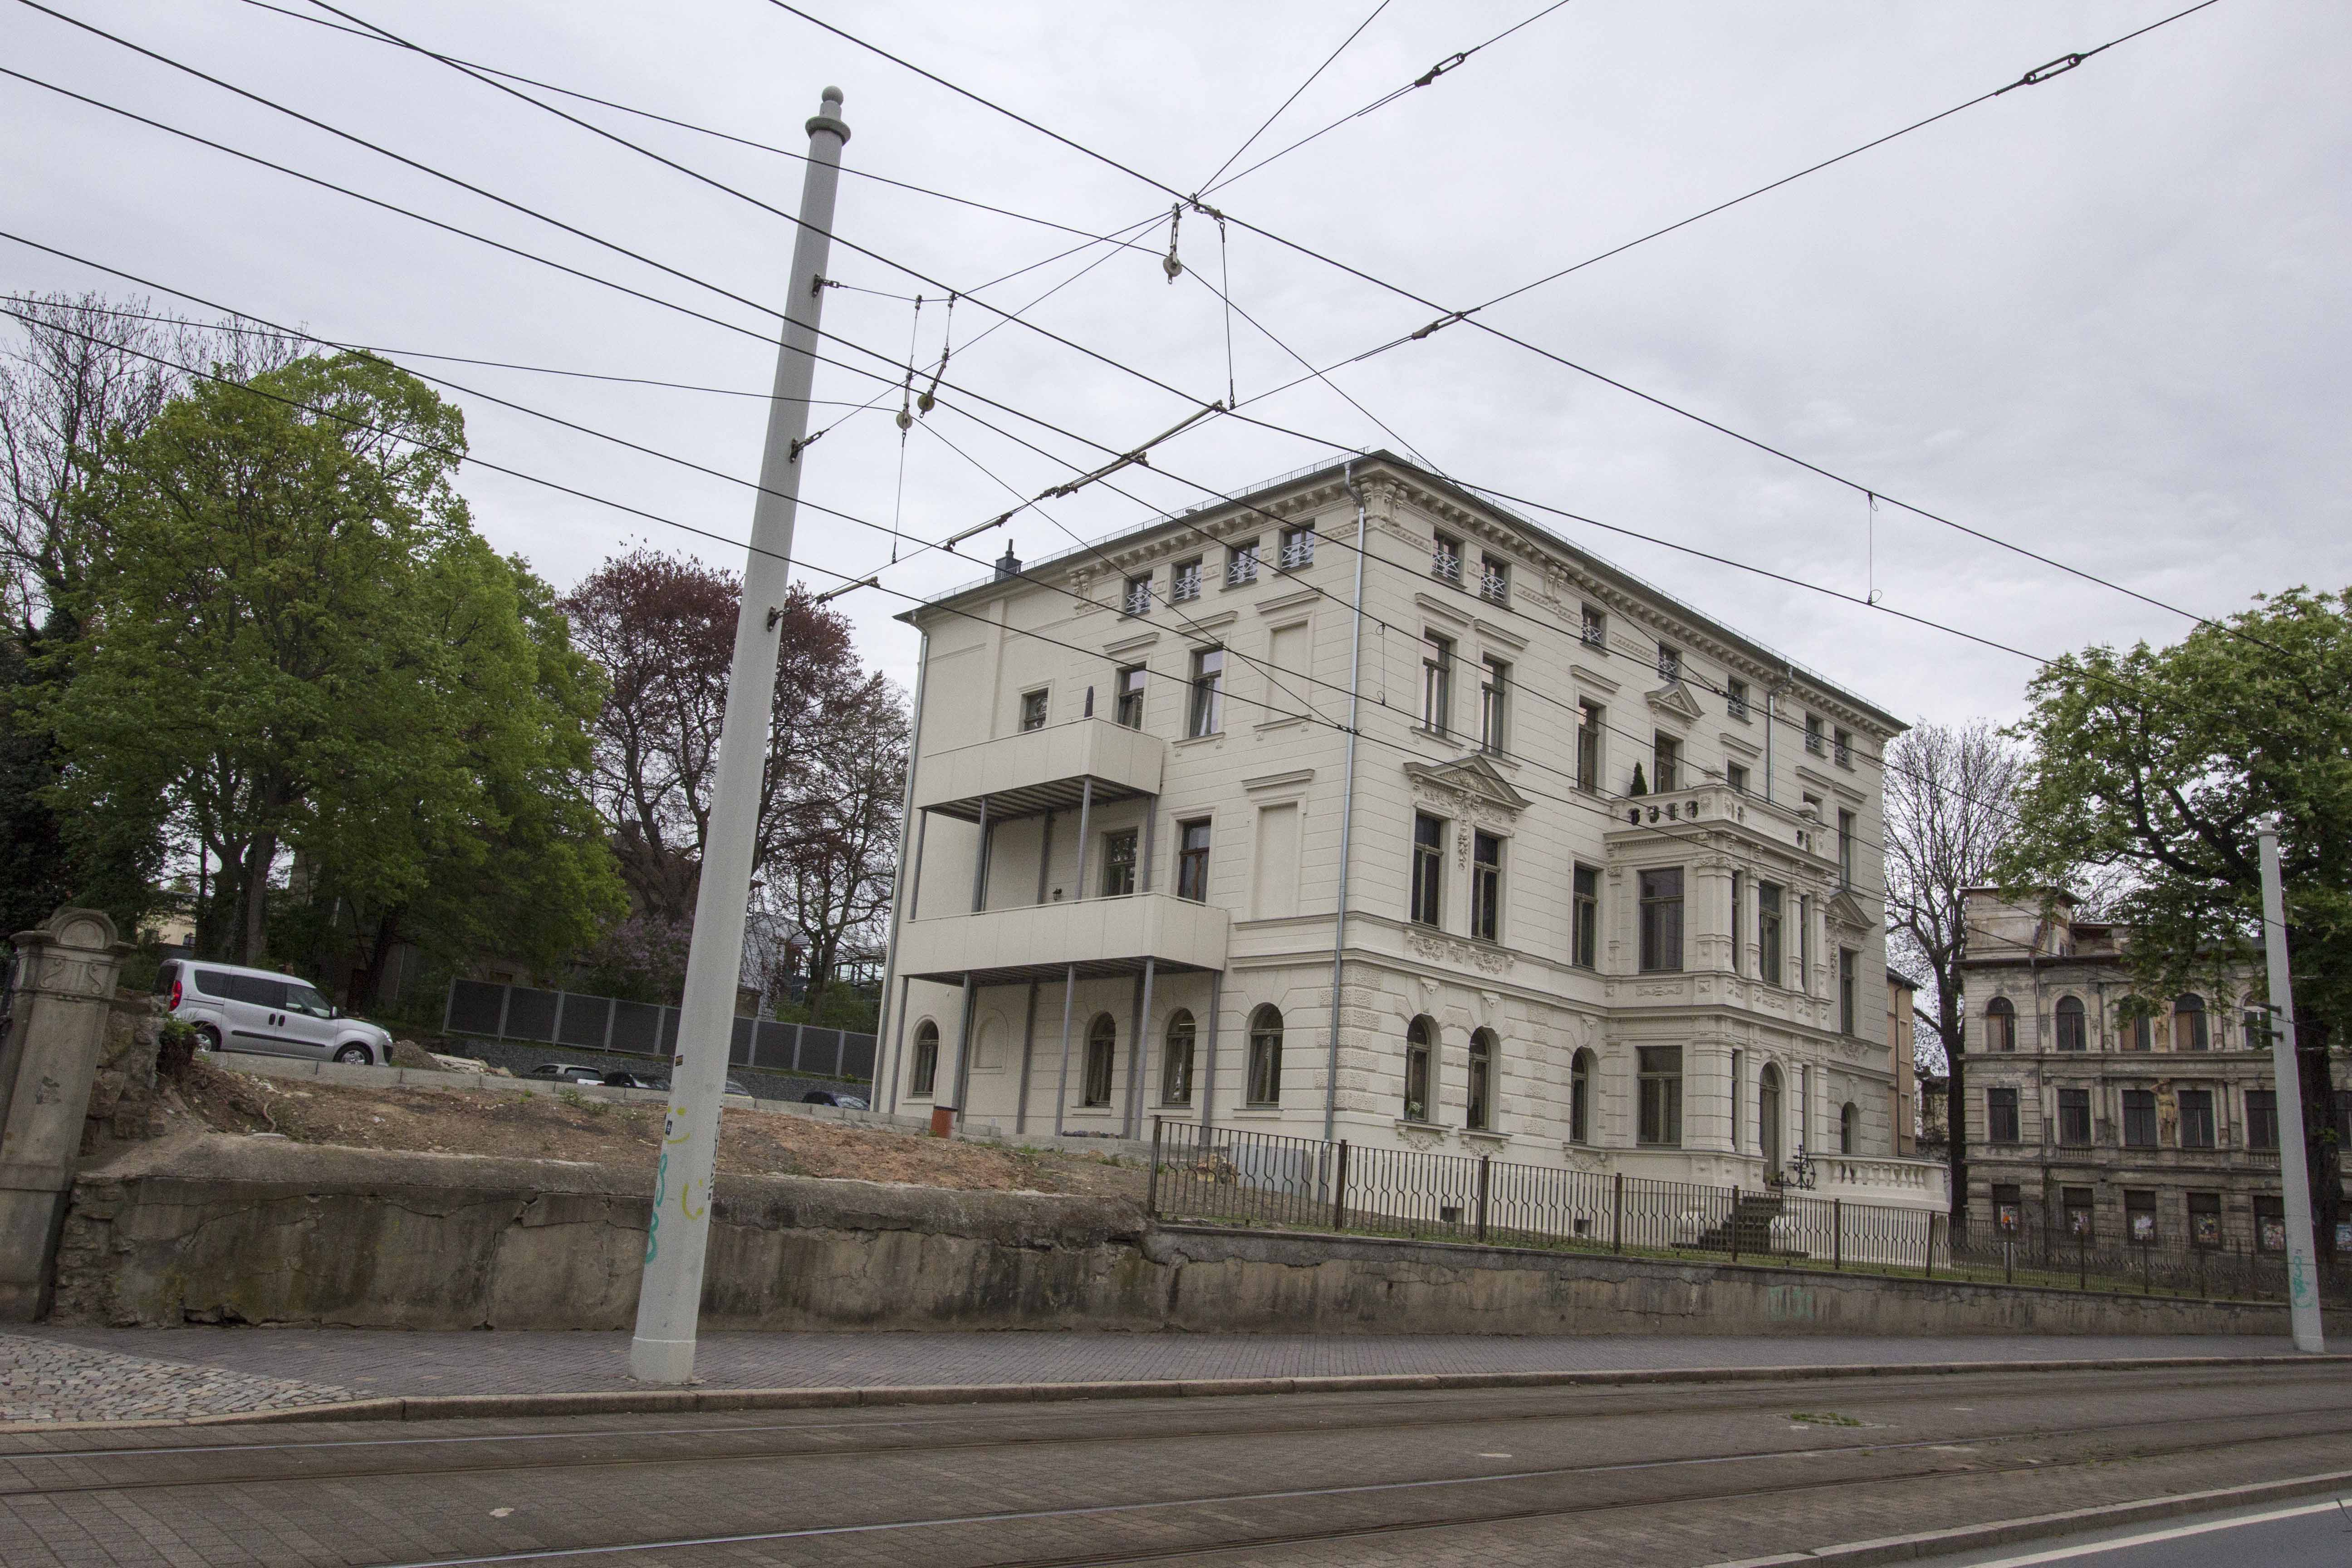 Architektur_28